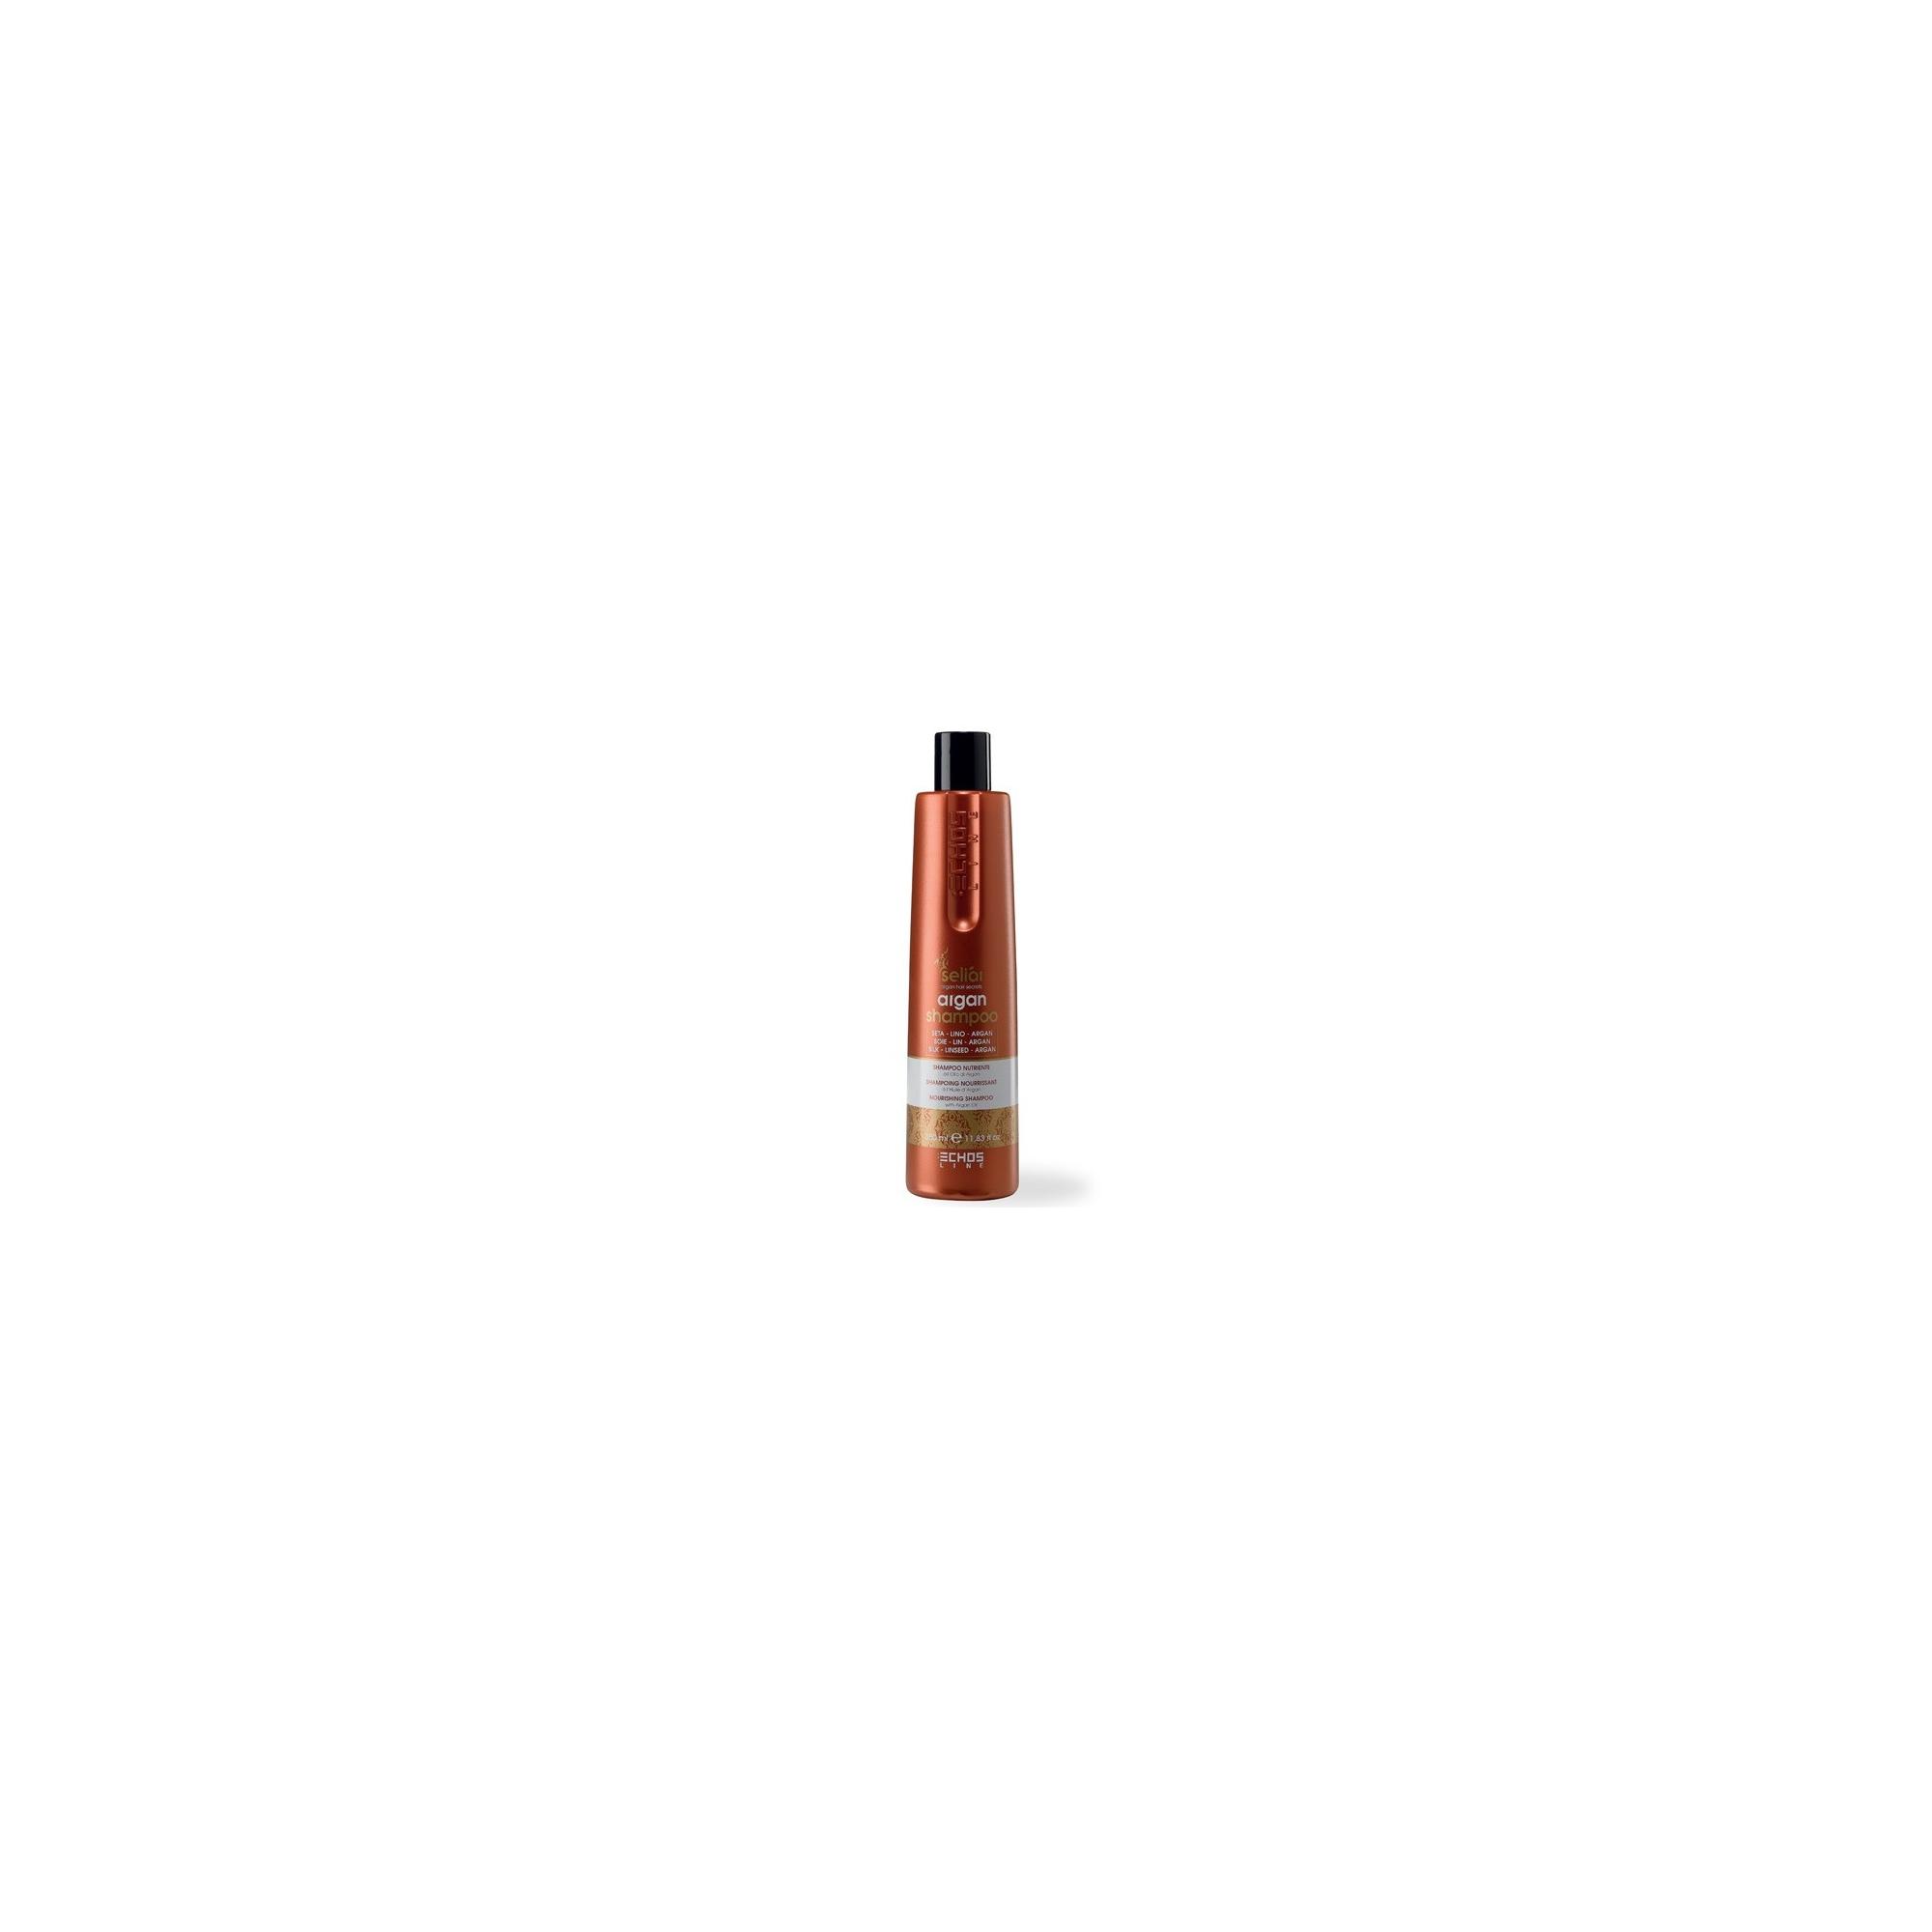 Echos Line Seliar - Argan shampoo - Shampoo nutriente all'olio di argan 1000 ml